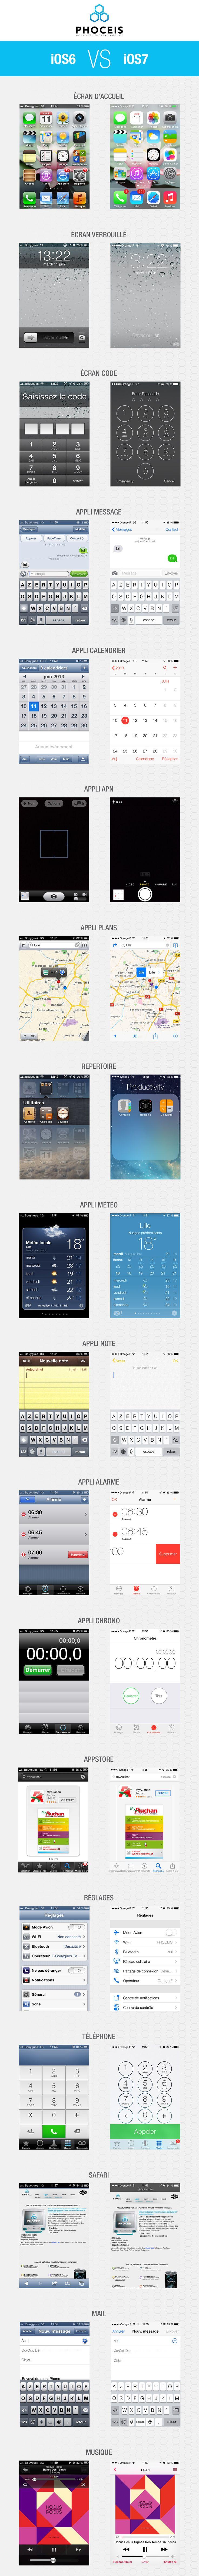 #iOS6 Vs #iOS7